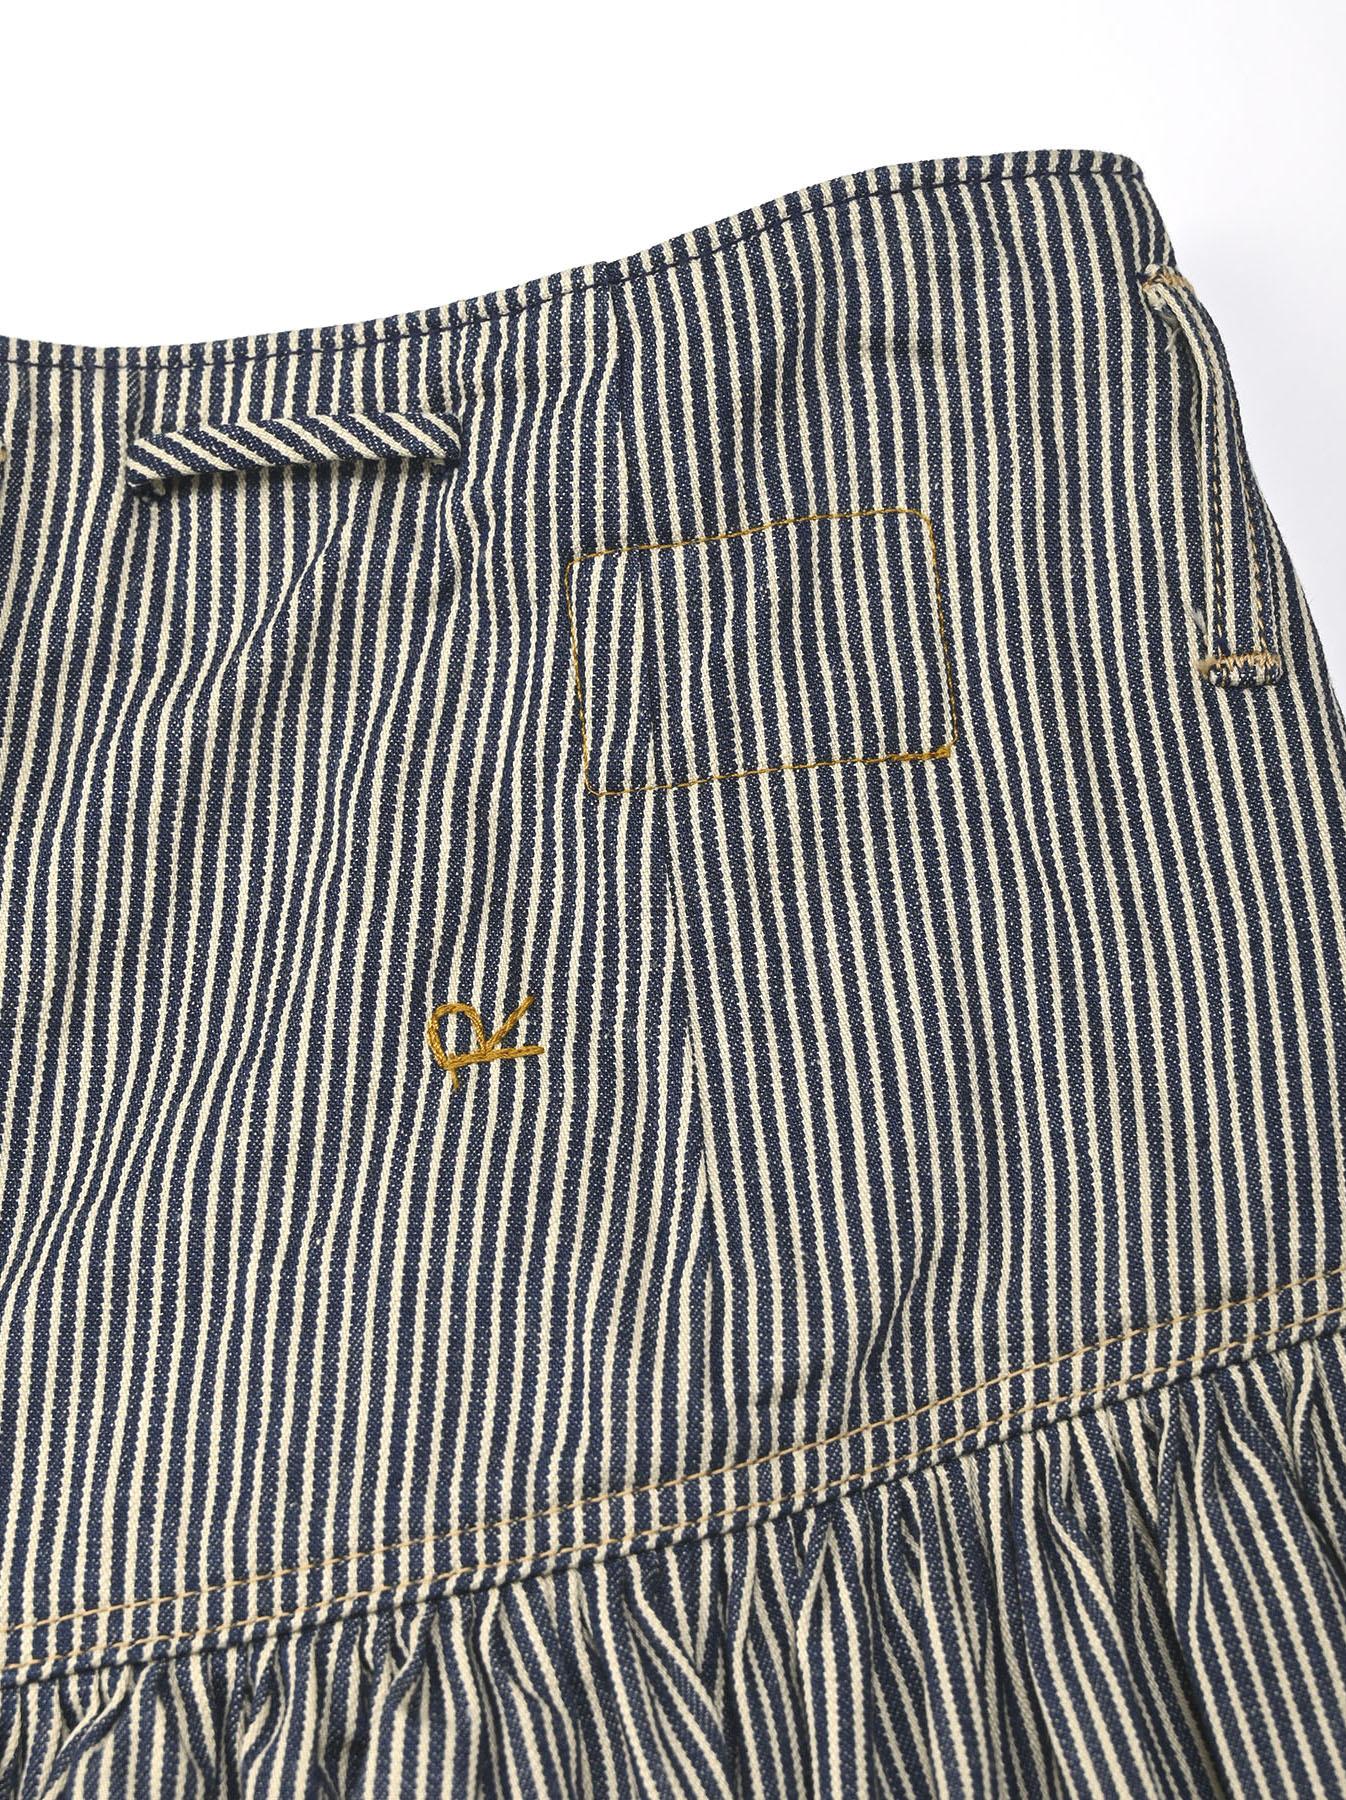 Denim Gathered Culottes Skirt(0721)-10